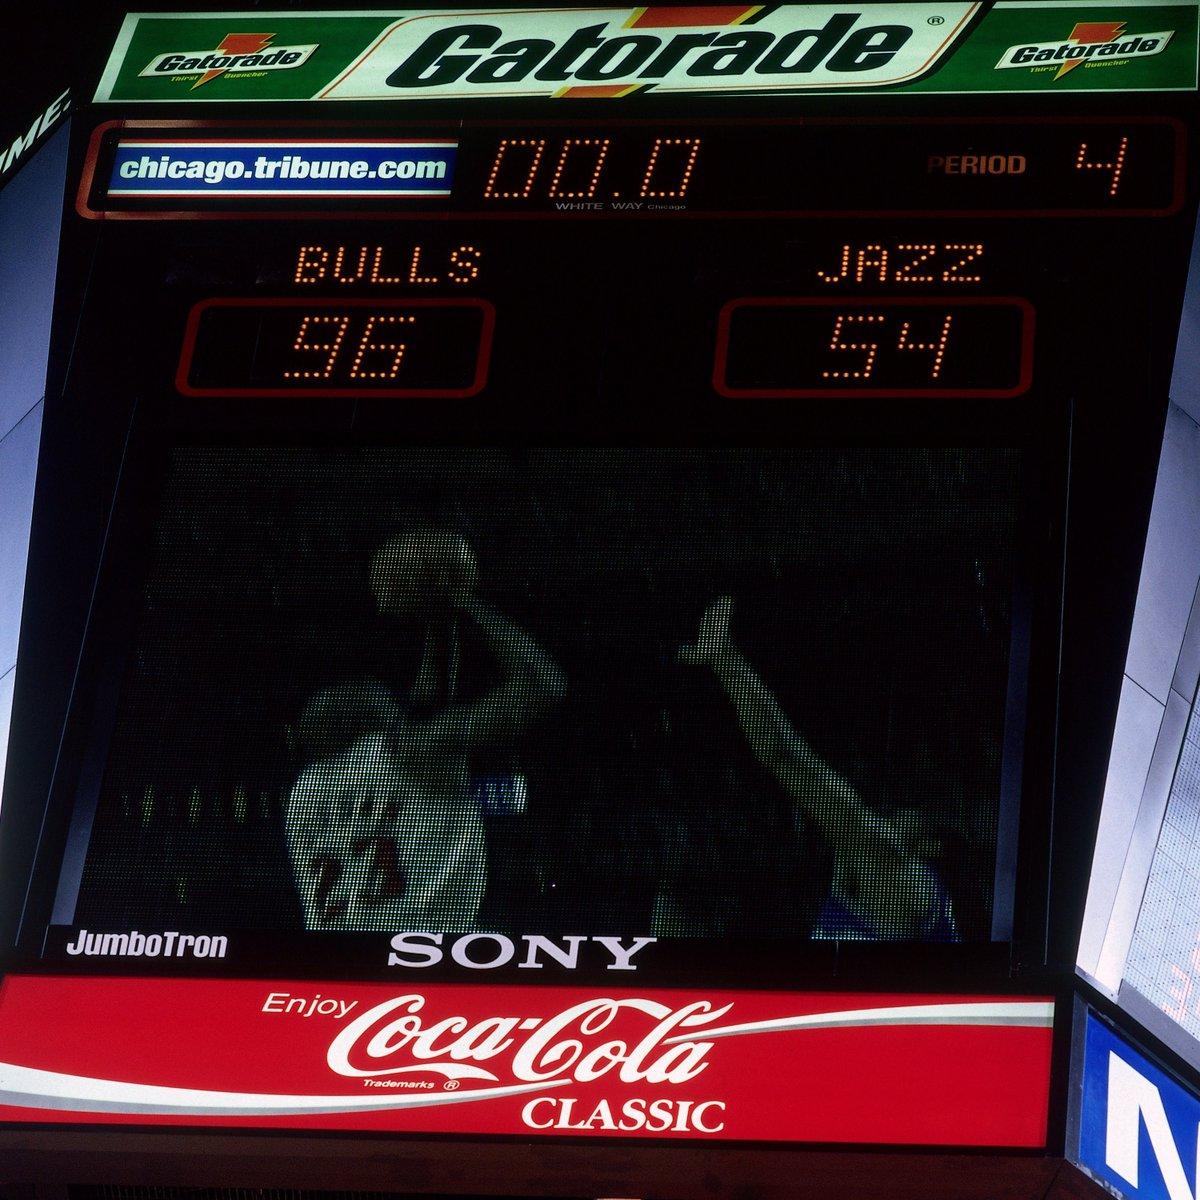 总决赛单场最大分差:公牛1998年单场狂胜爵士42分